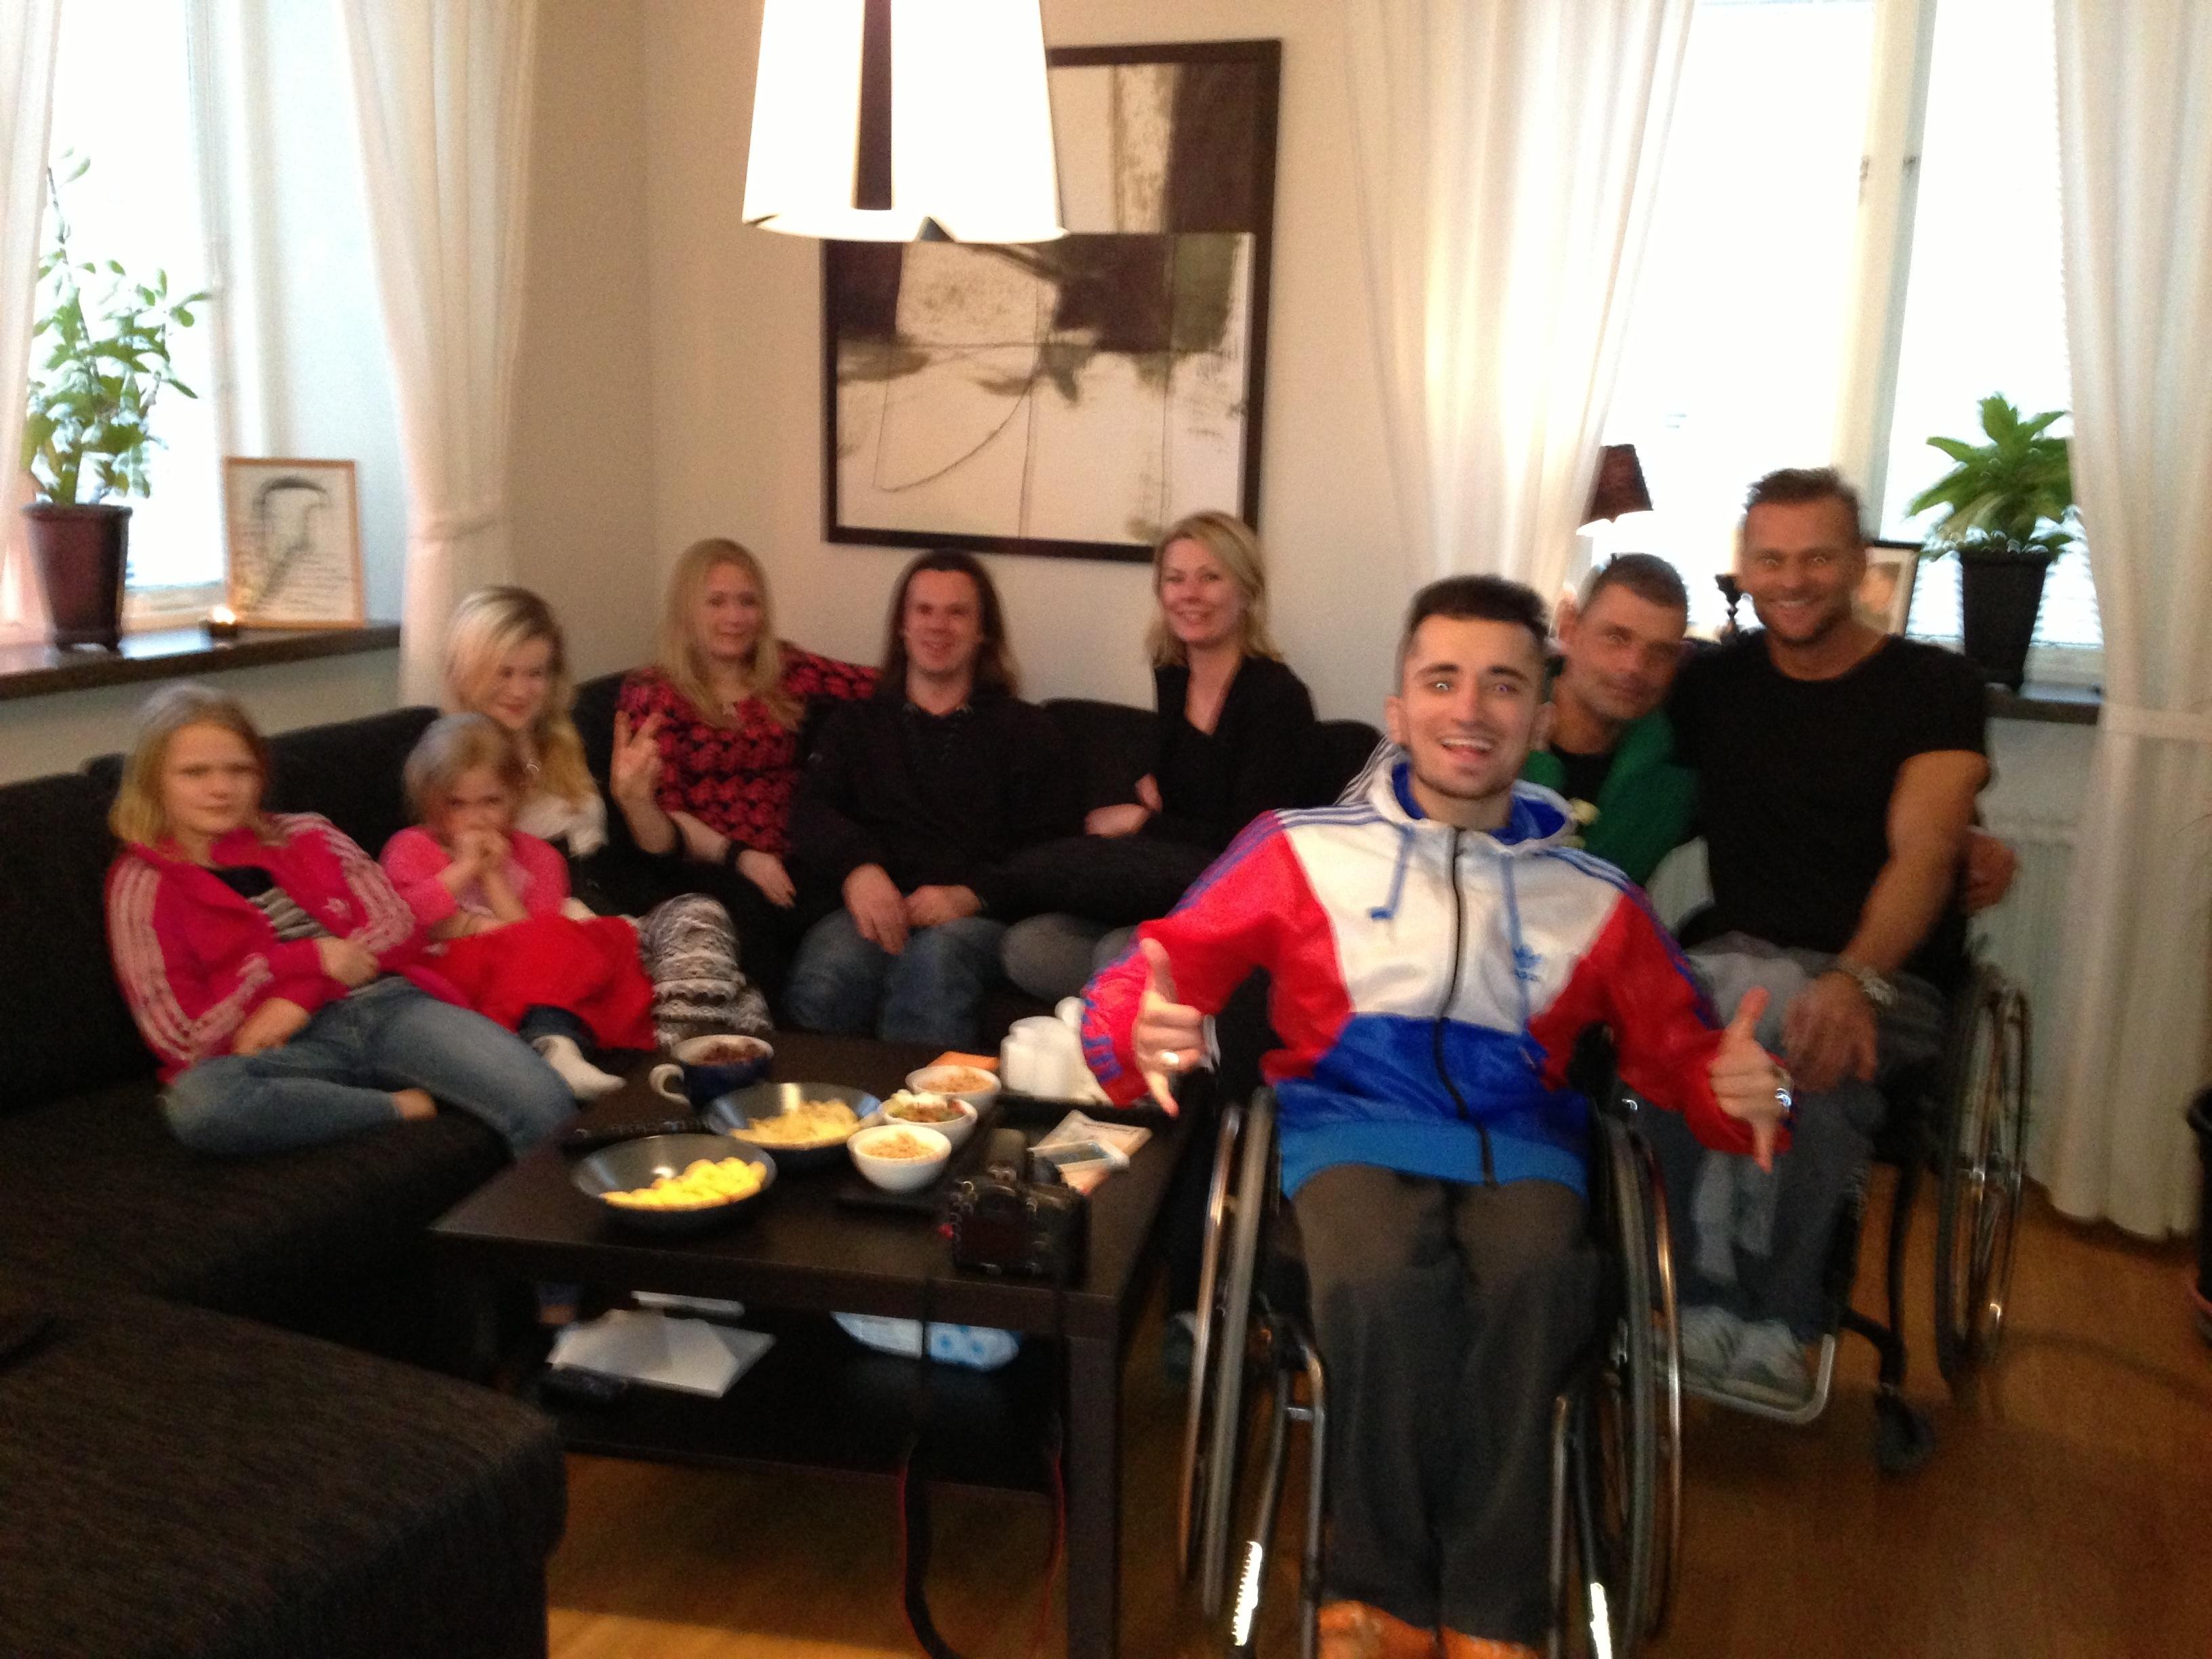 Bild: Gruppbild med Emilia, Miranda, Denise, Maria & Joakim Nömell, Minna Huhkamo, Rickard Forshäll, Niclas Rodhborn och Arkan Palani. Foto: Jesper Nömell